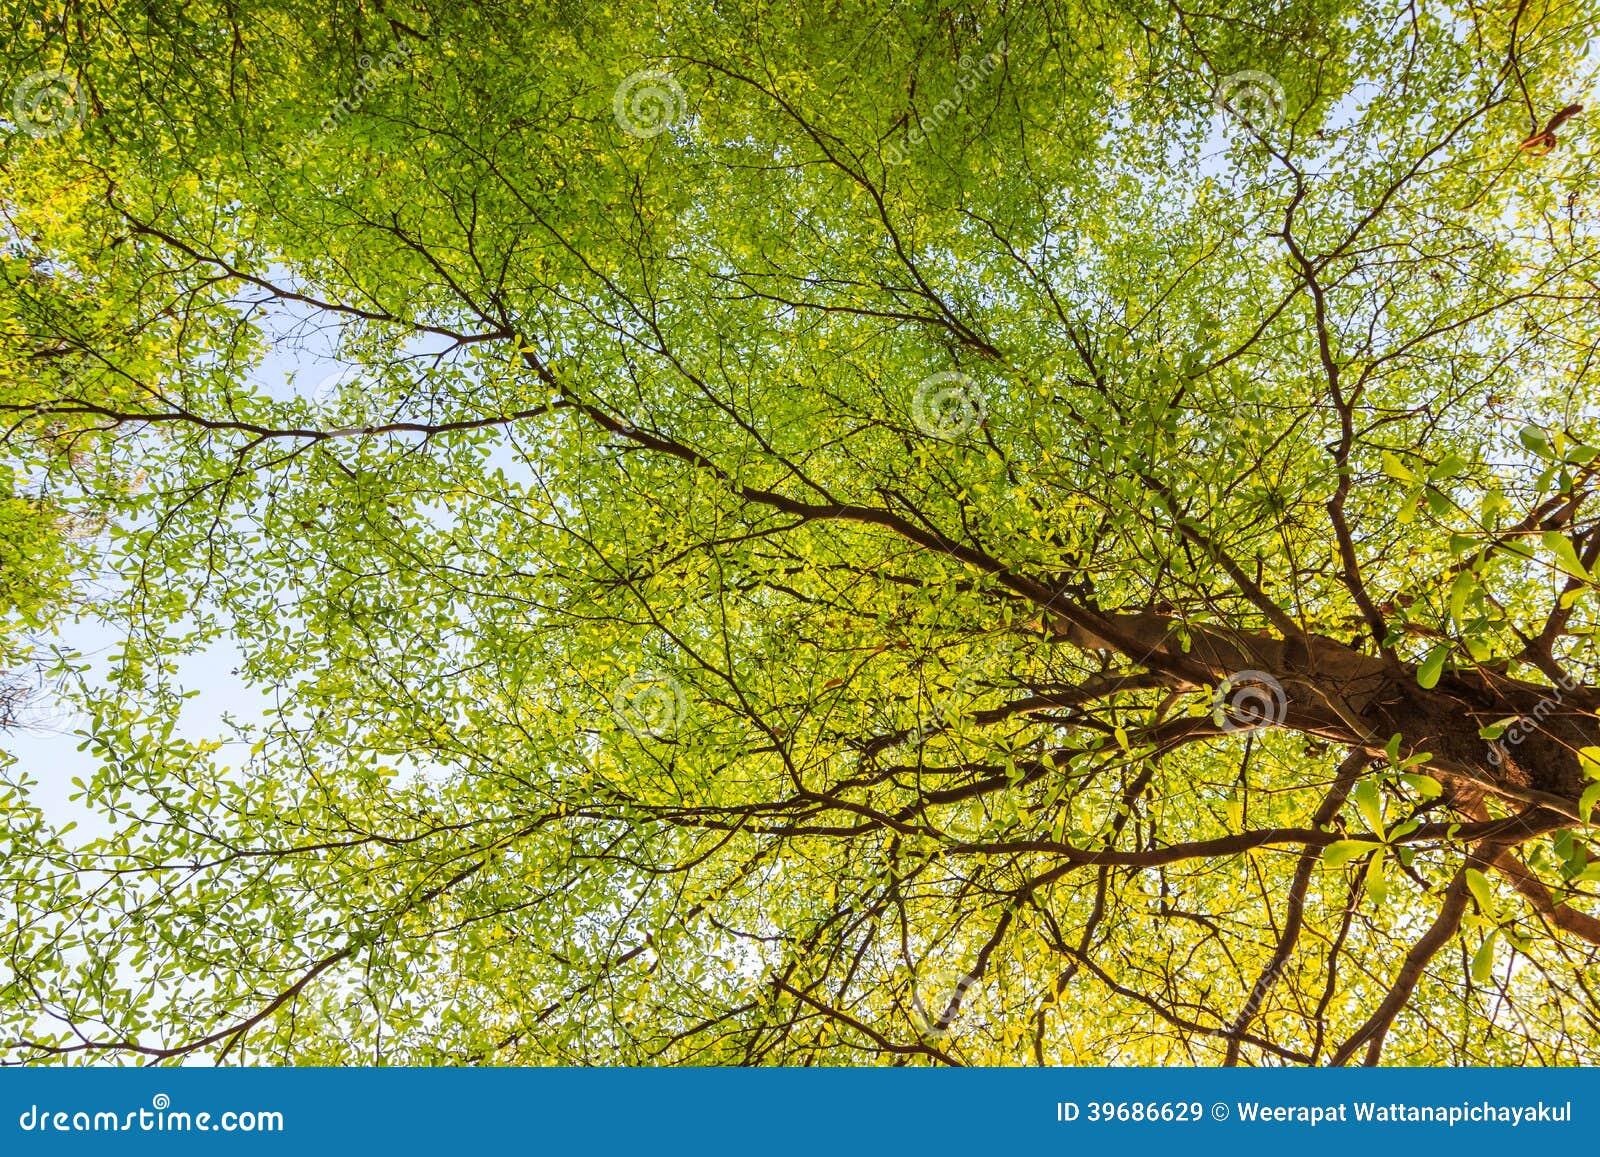 En haut Cime d'arbre d'été image stock. Image du lumineux, forêt - 39686629 @RU_51